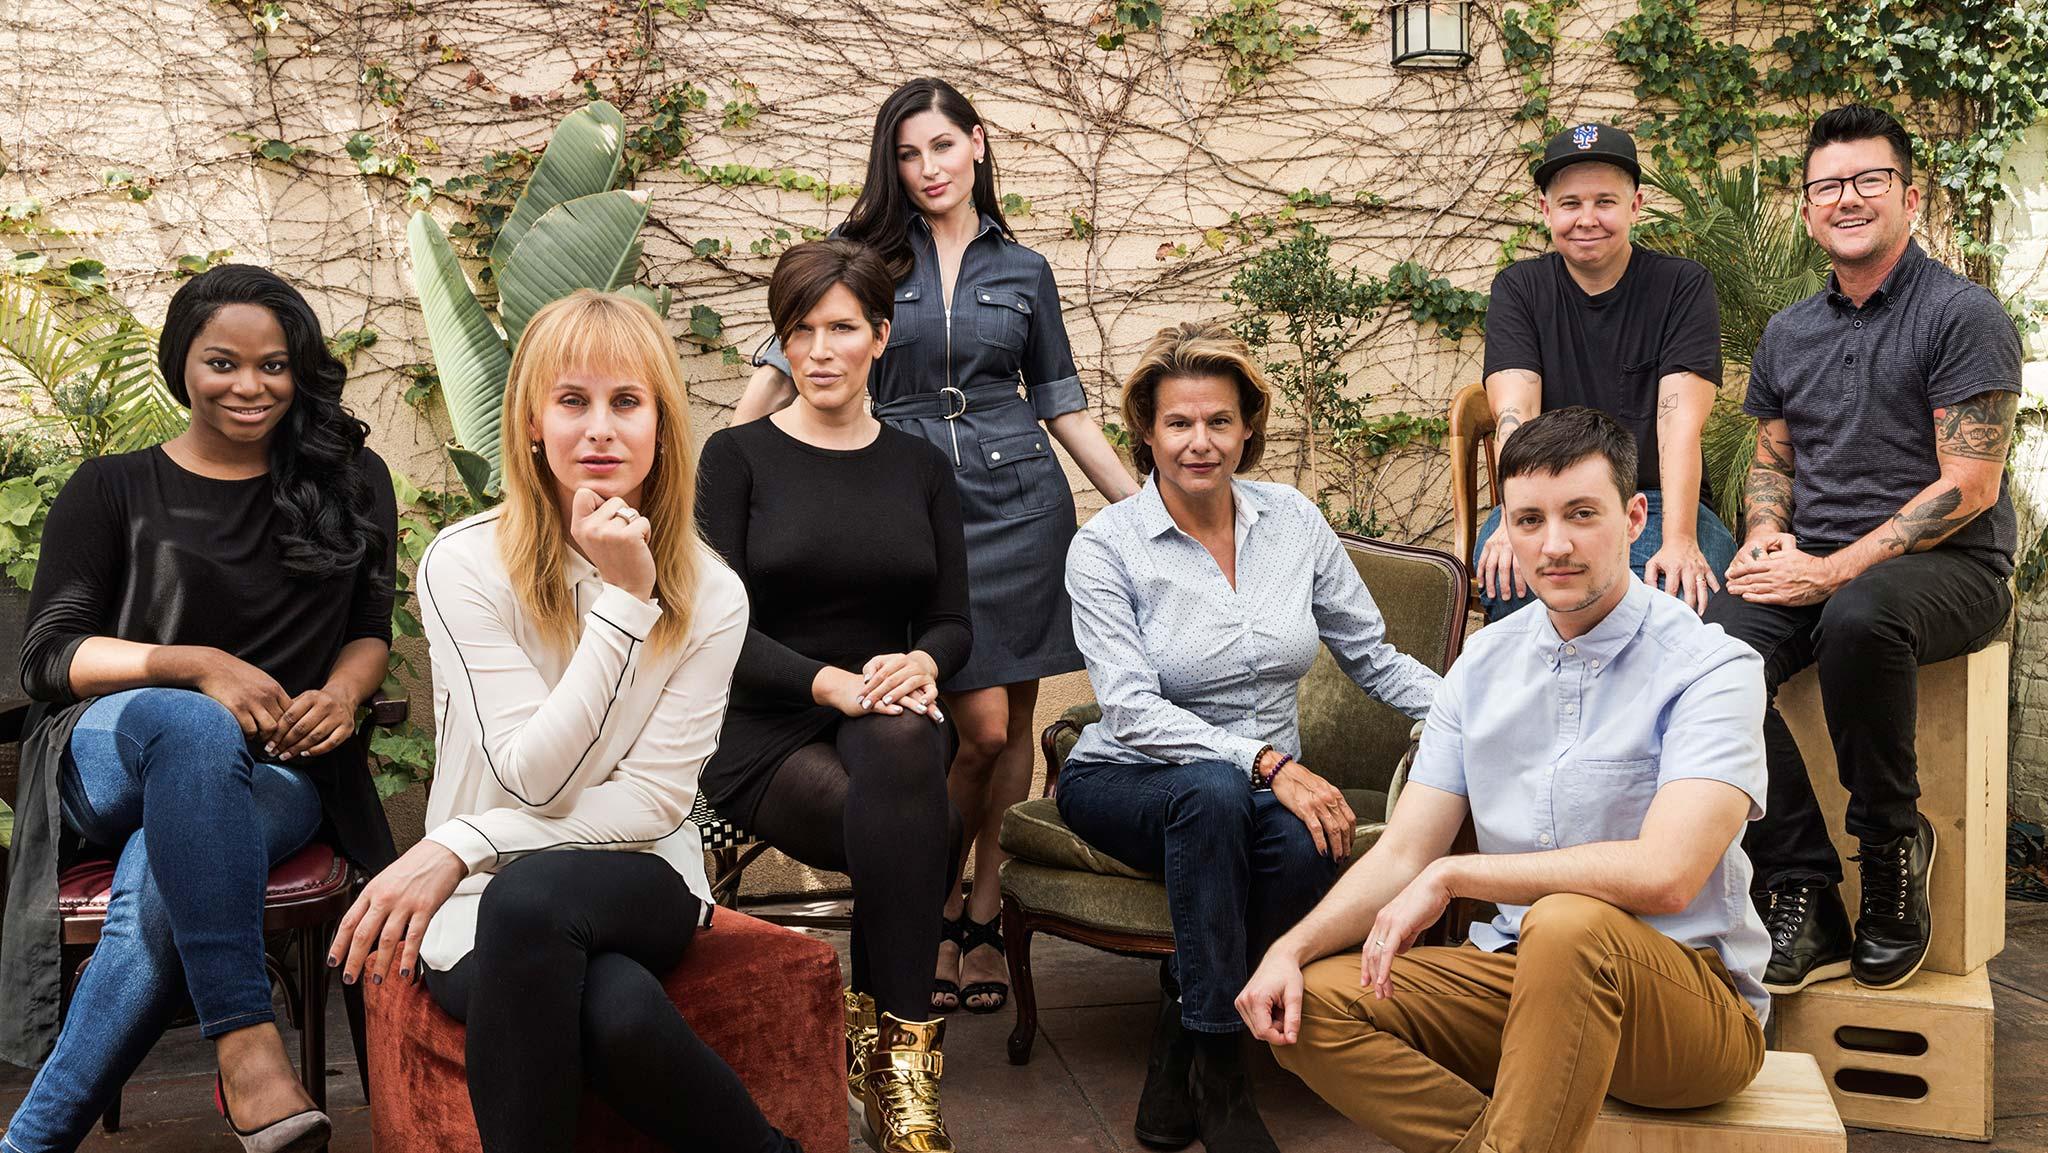 Trans lidé z hereckého a tvůrčího týmu: zleva Alexandra Grey, Zackary Drucker, Our Lady J, Trace Lysette, Alexandra Billings, Rhys Ernst, Ali Liebegott a Silas Howard